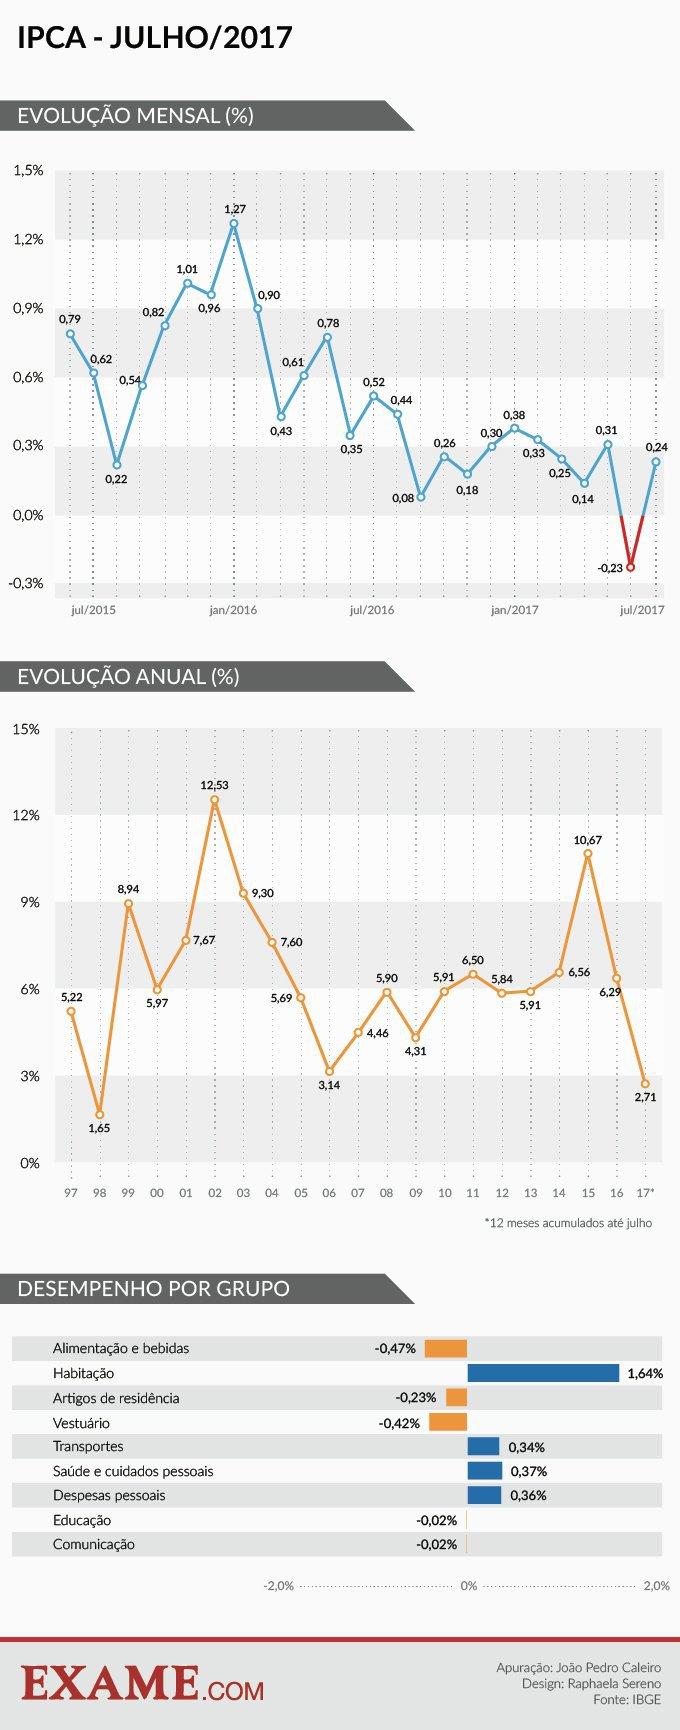 Inflação anualizada dos últimos anos no Brasil até julho de 2017